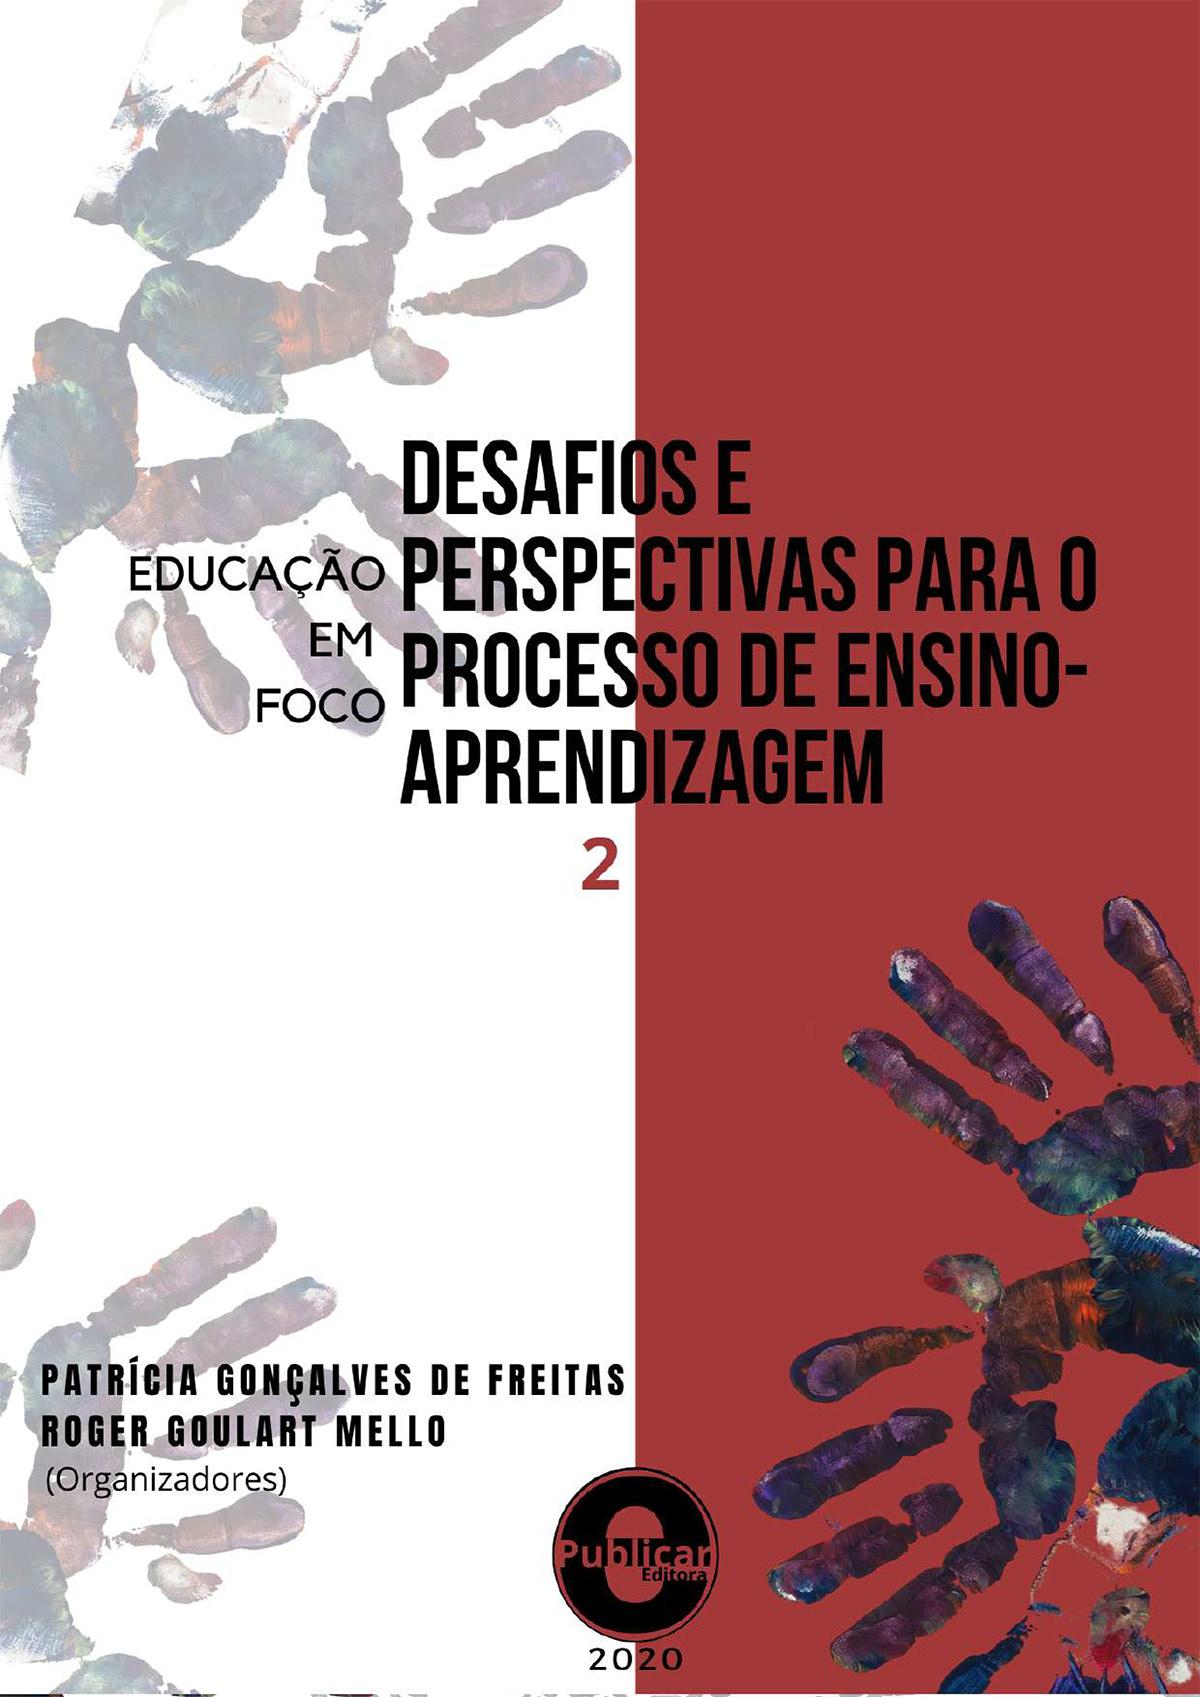 capa do livro Educação em foco: desafios e perspectivas para o processo de ensino-aprendizagem 2